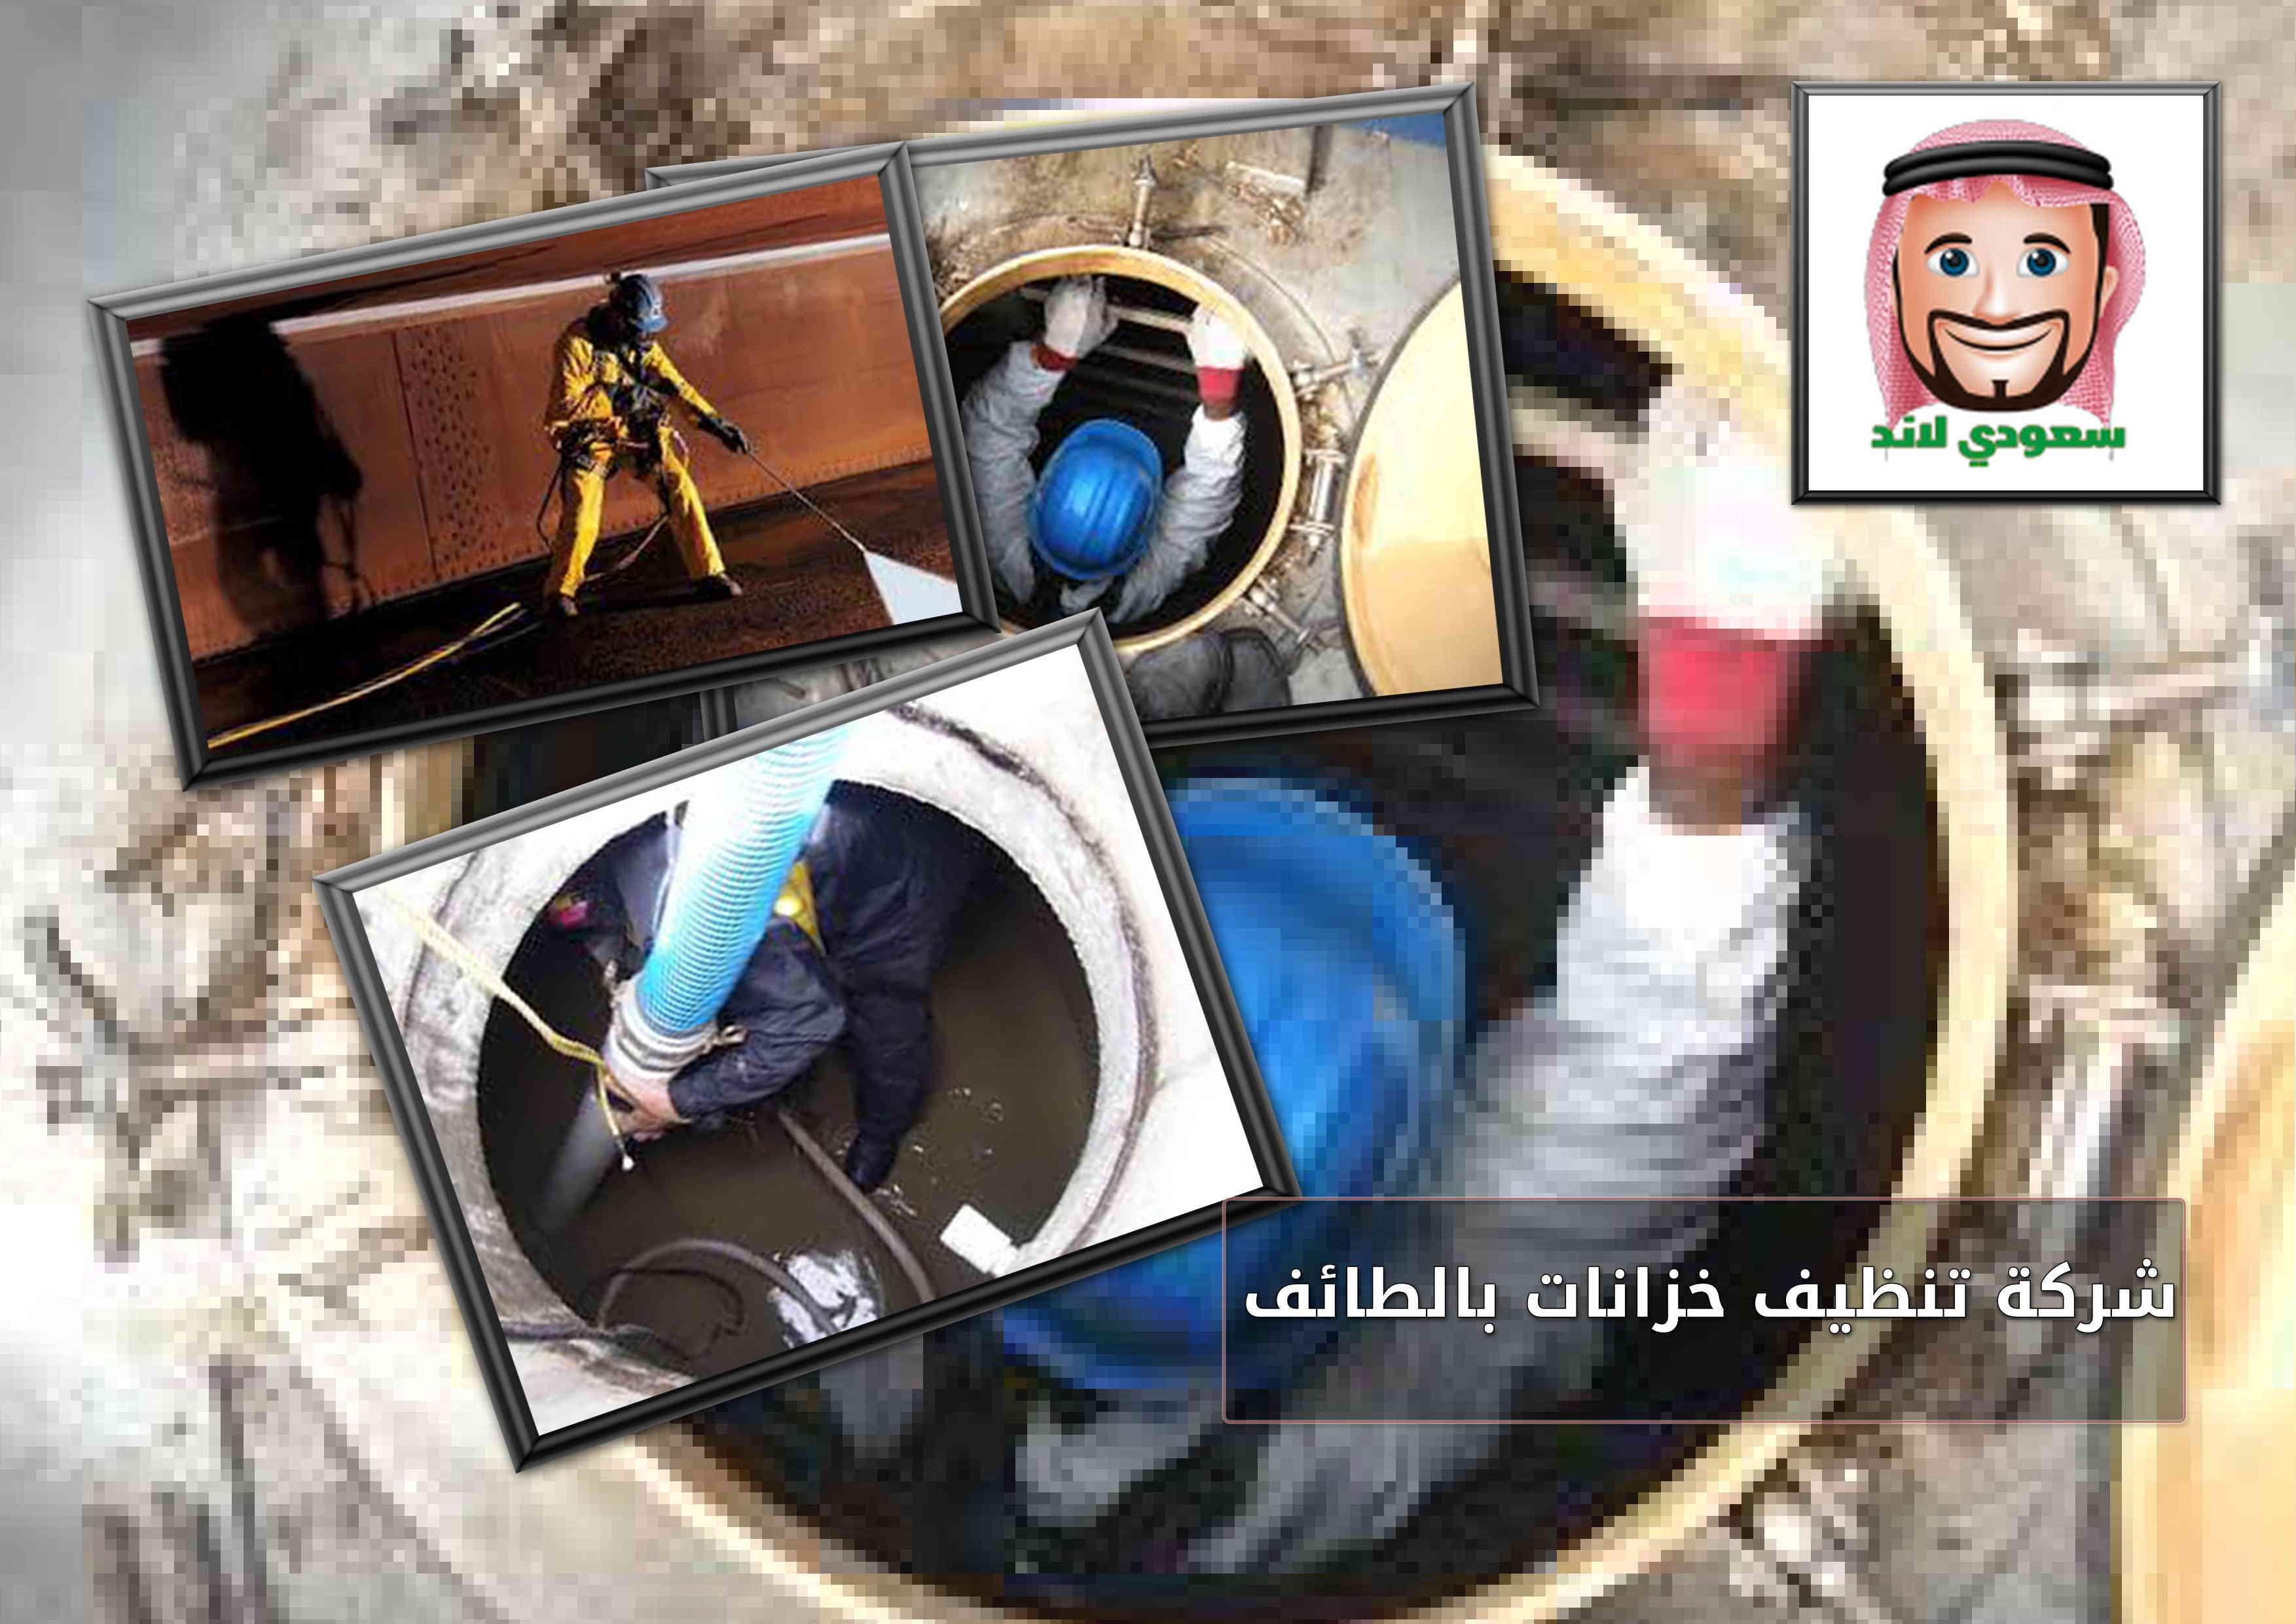 شركة تنظيف خزانات بالطائفشركة تنظيف خزانات بالطائف